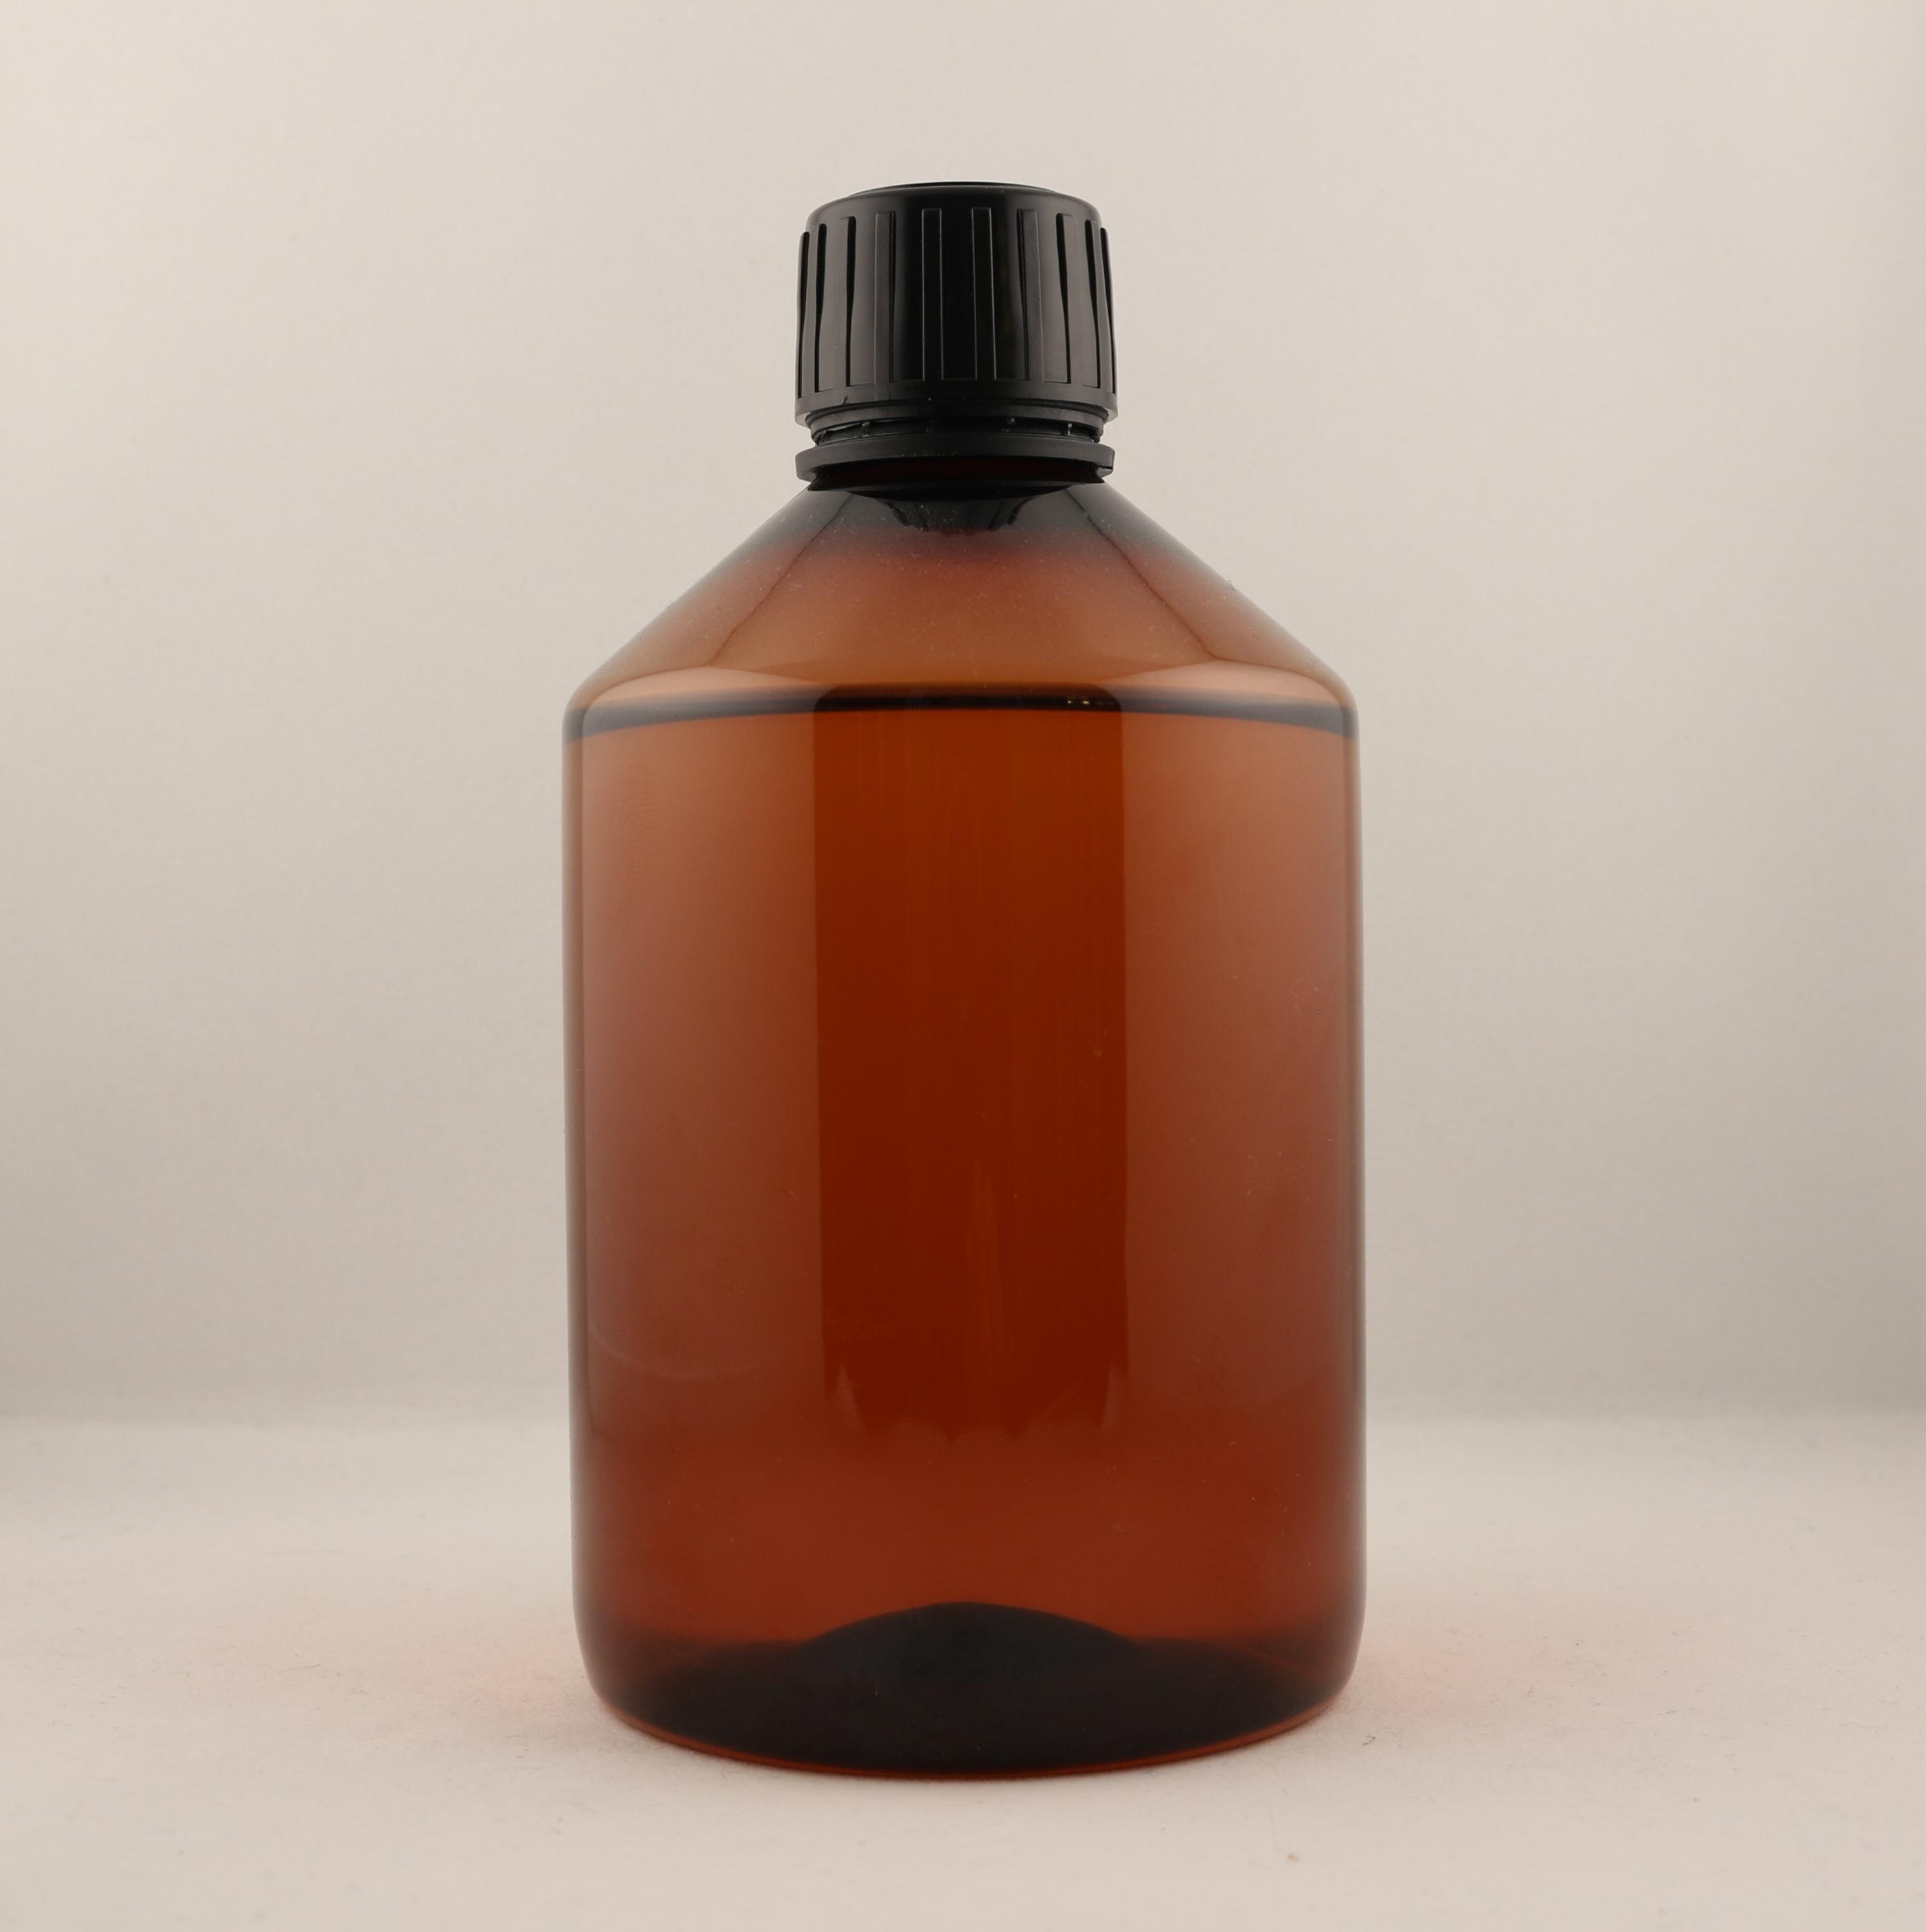 Sesamolja 500ml holistisk alternativ örttillskott kosttillskott homeopati hälsa